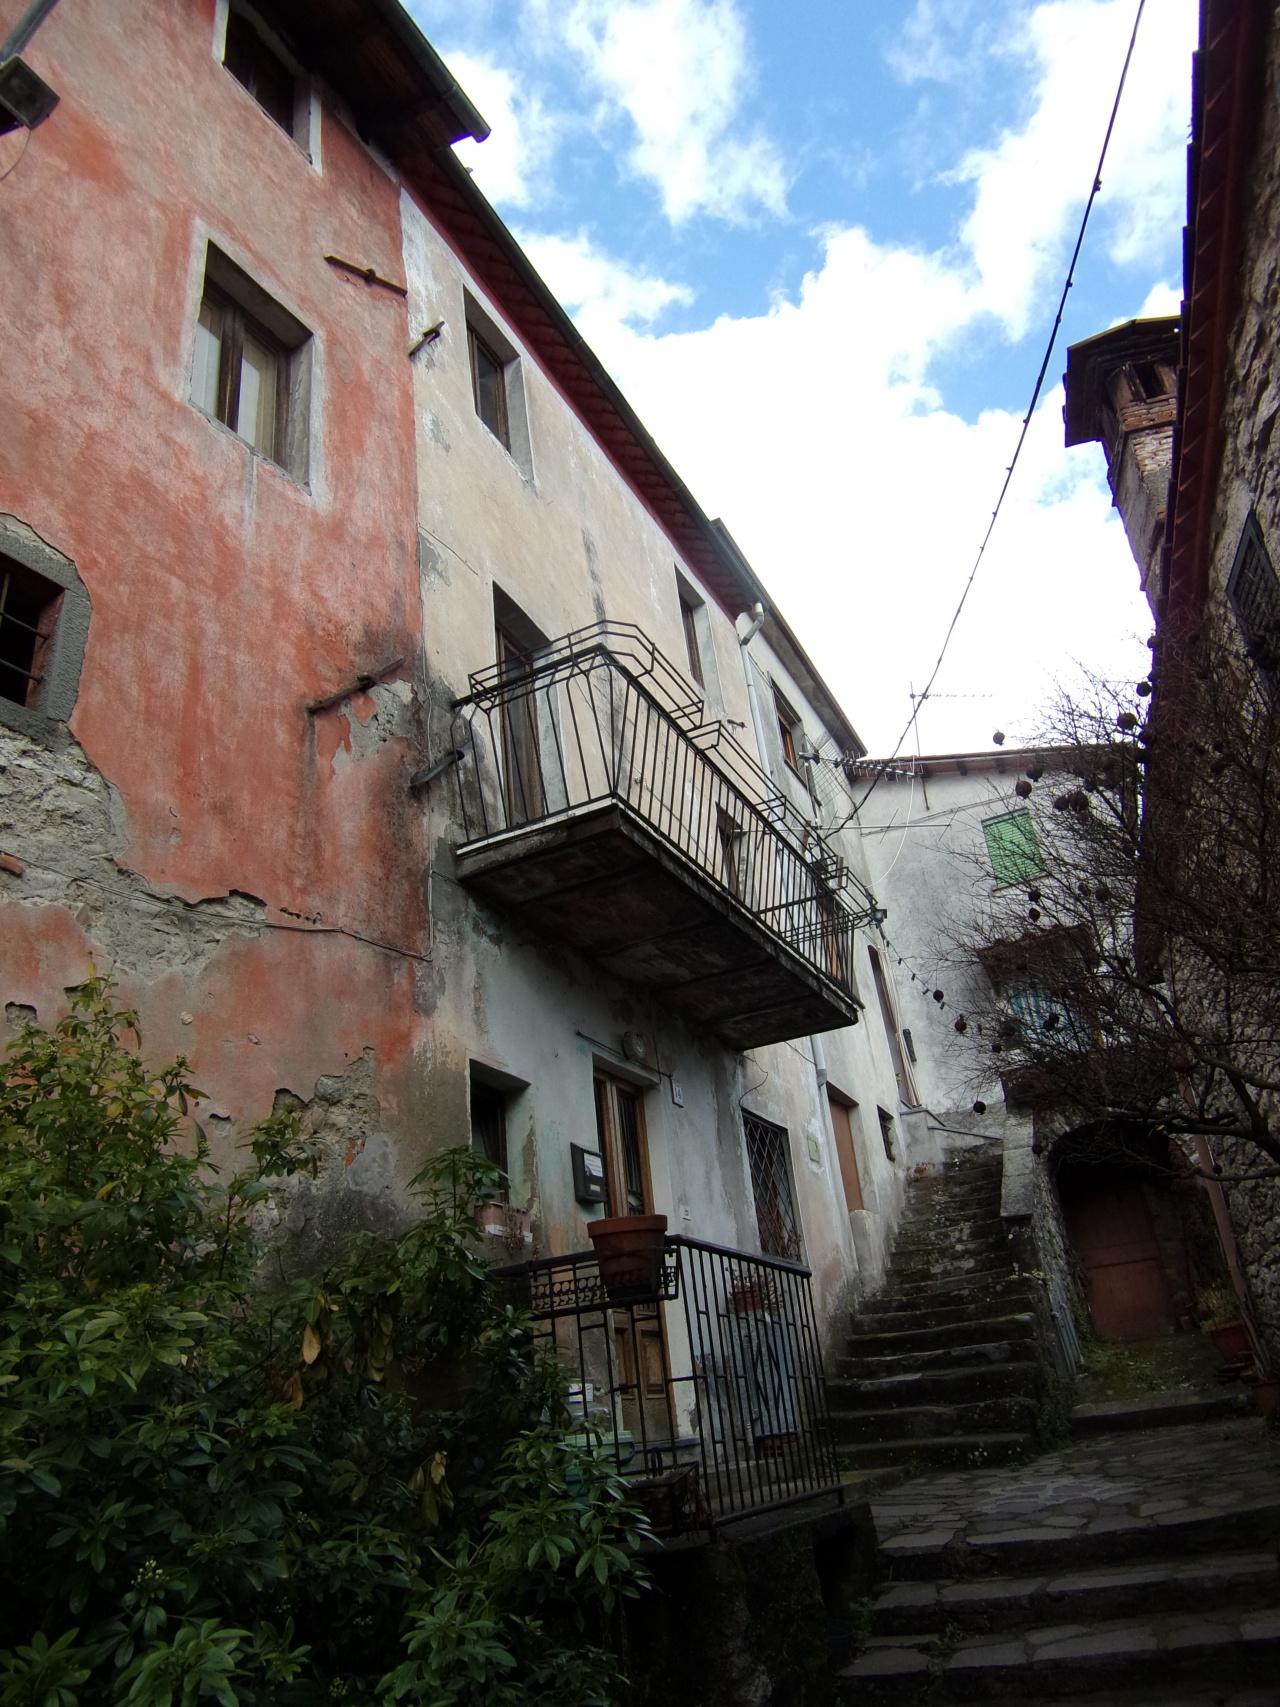 foto Casa di paese con balconcino, posta su tre livelli, situata nel borgo di Cardoso, comune di Gallicano, Lucca.